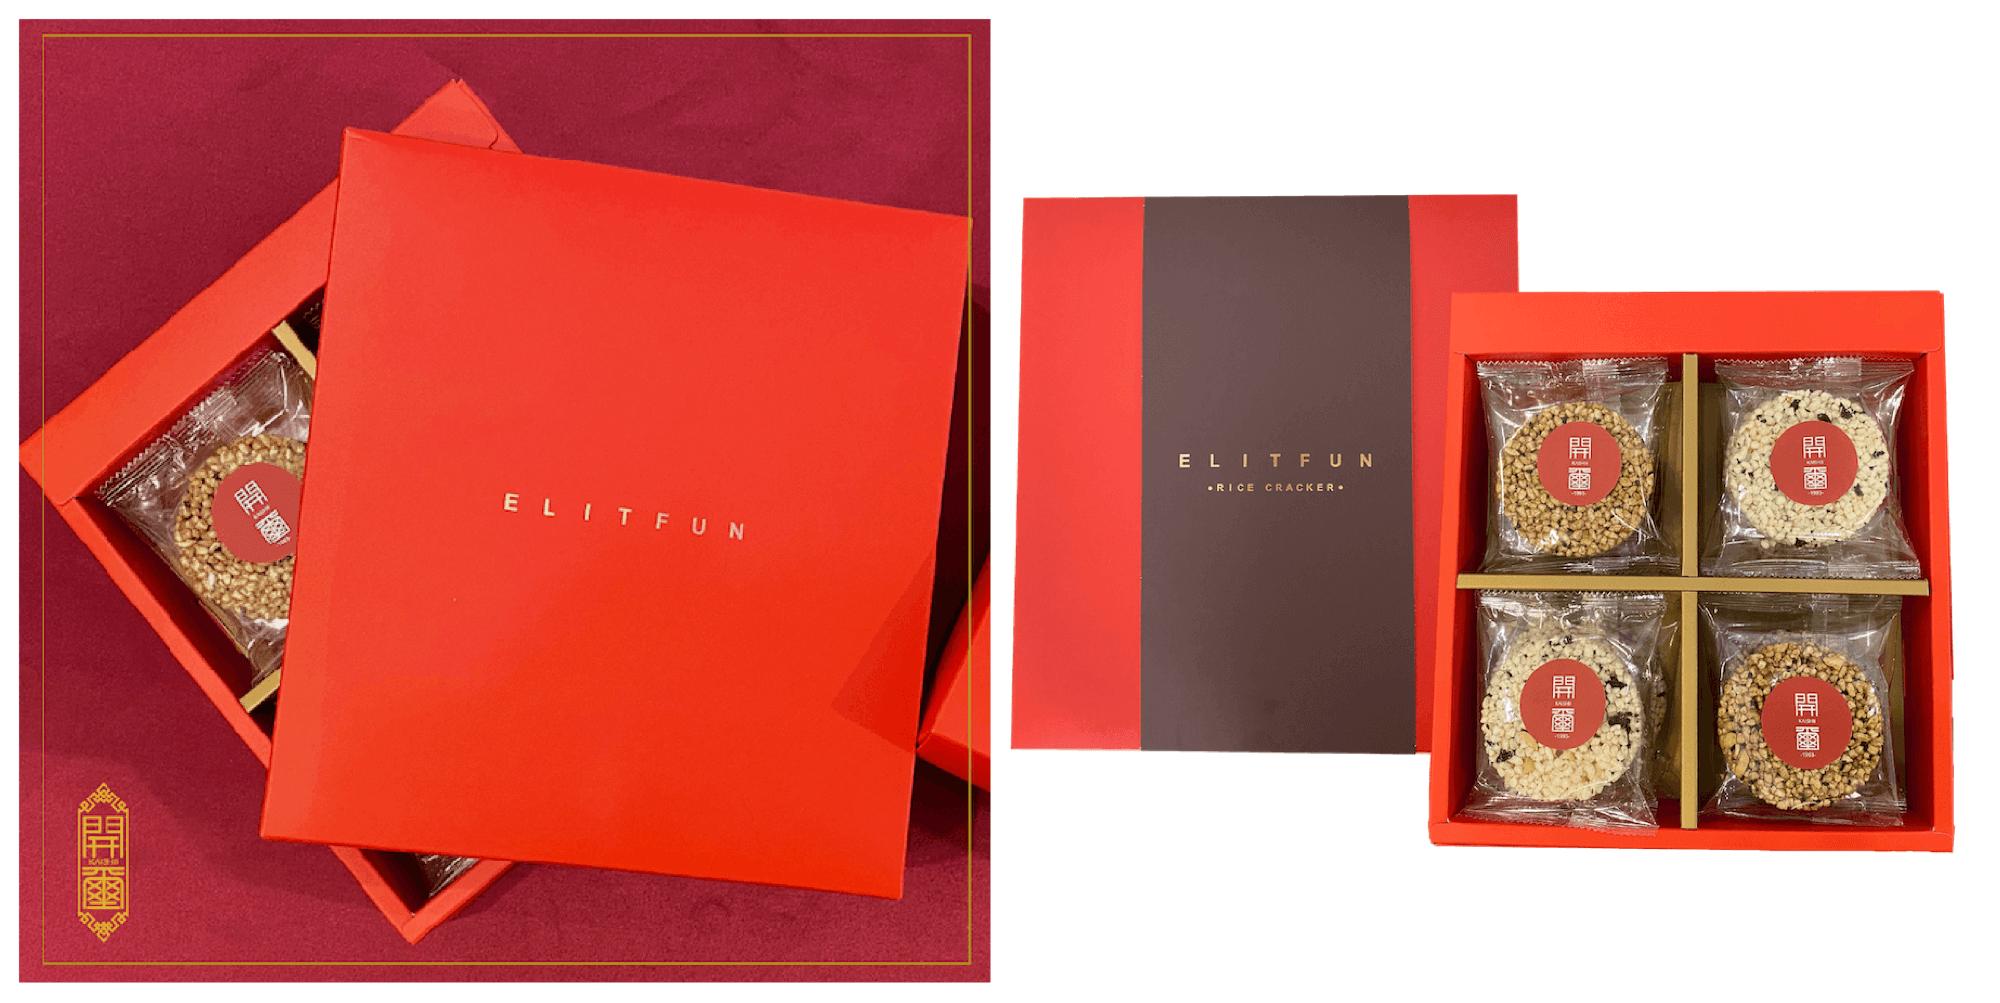 企業送禮推薦禮盒